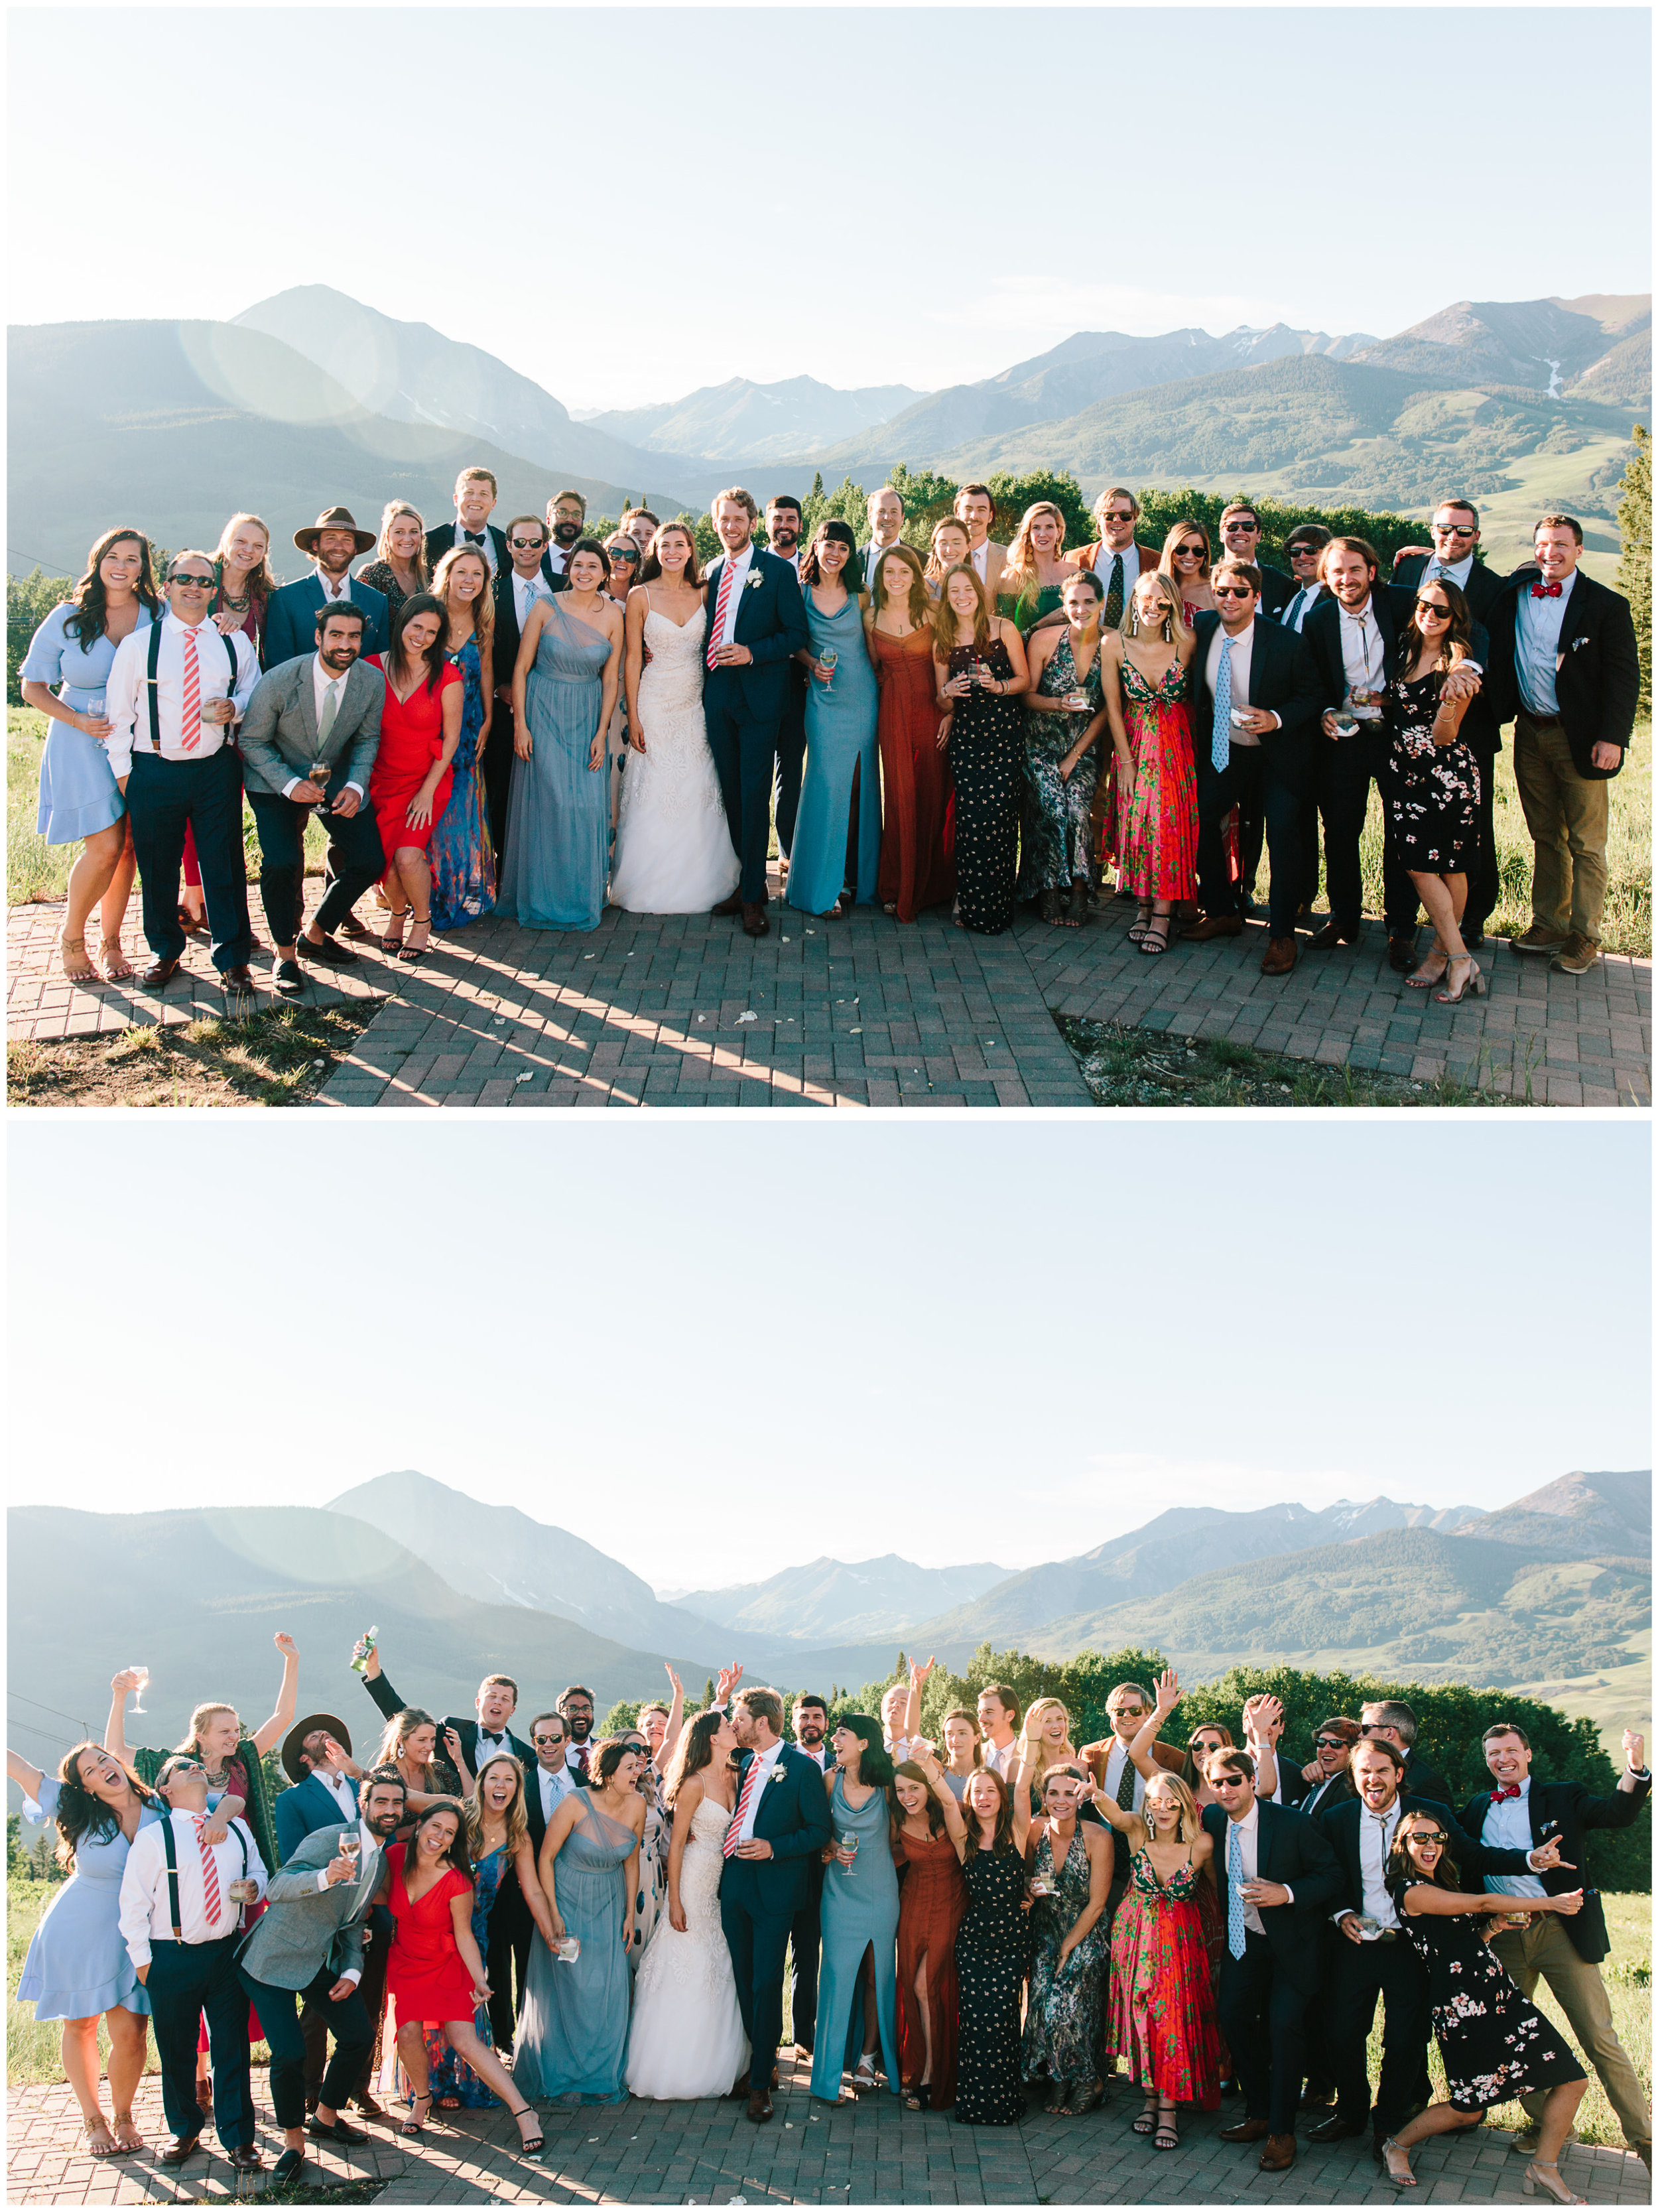 crested_butte_wedding_100a.jpg